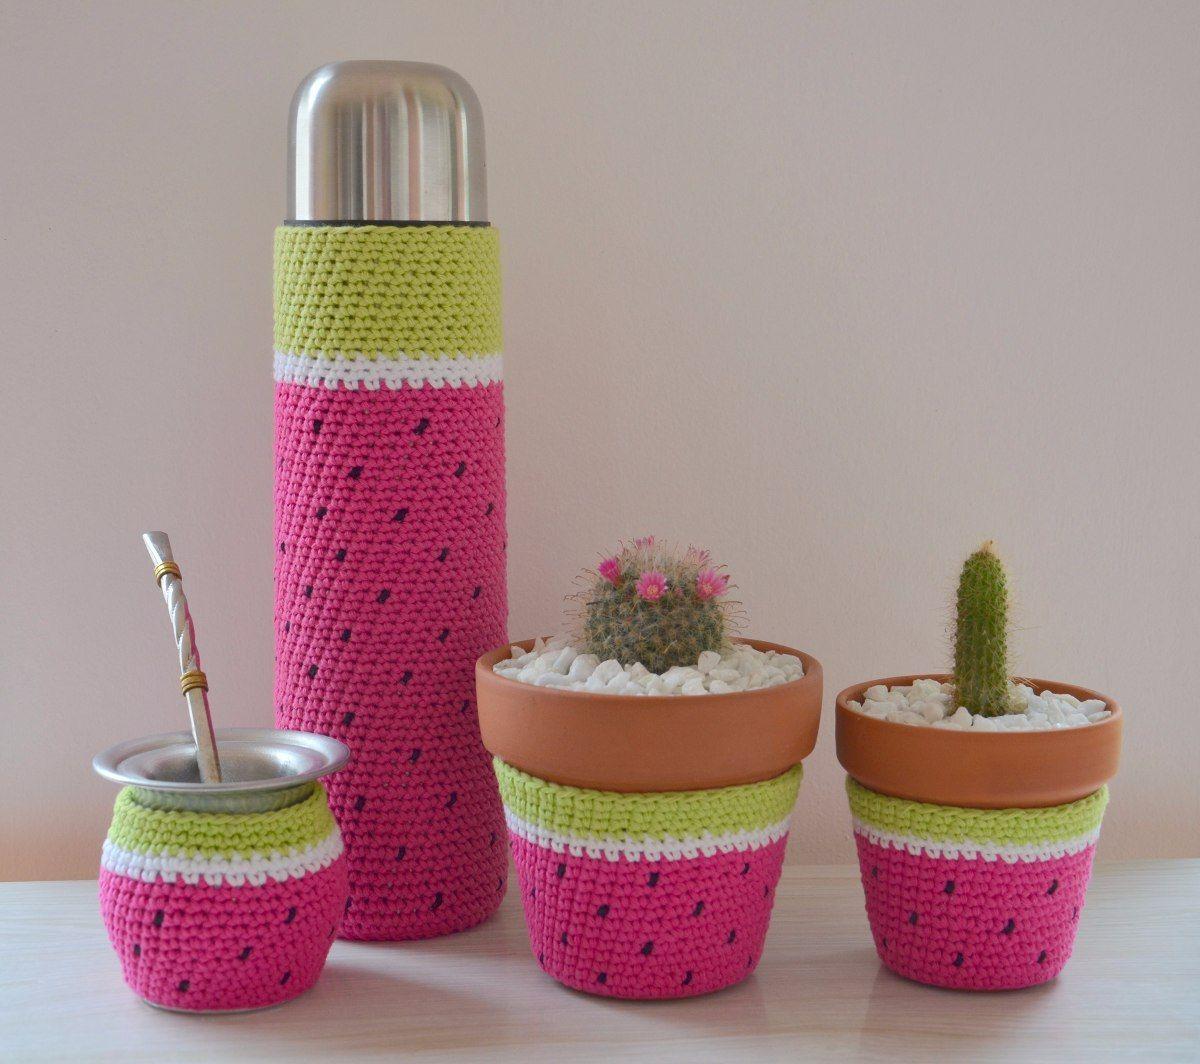 Cactus Con Flor Tejidos Al Crochet En Maceta De Barro Nro 7 - $ 70 ... | 1064x1200